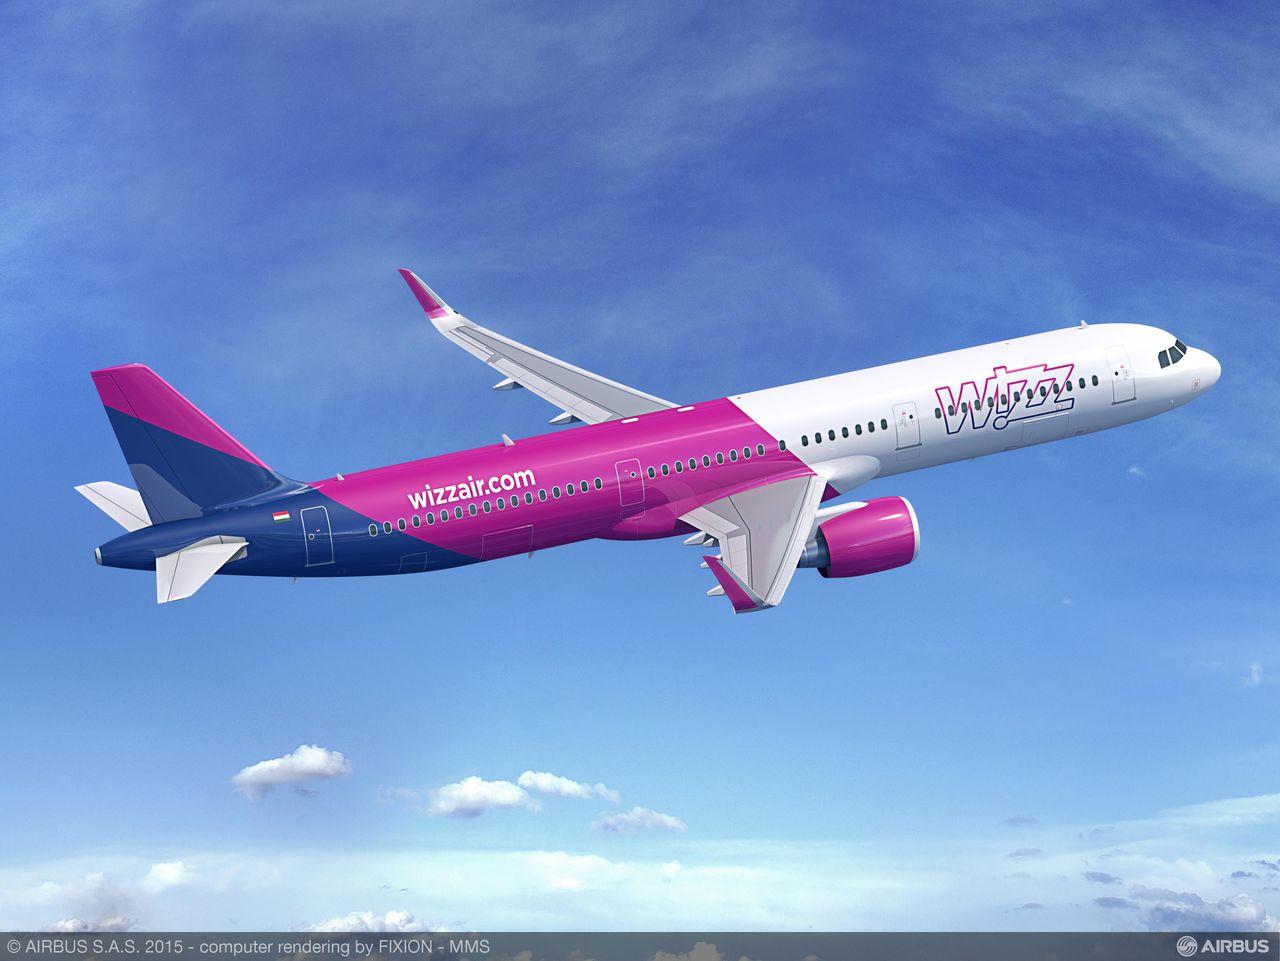 A321neo látványterv a Wizz Air színeiben. Forrás: Airbus | © AIRportal.hu